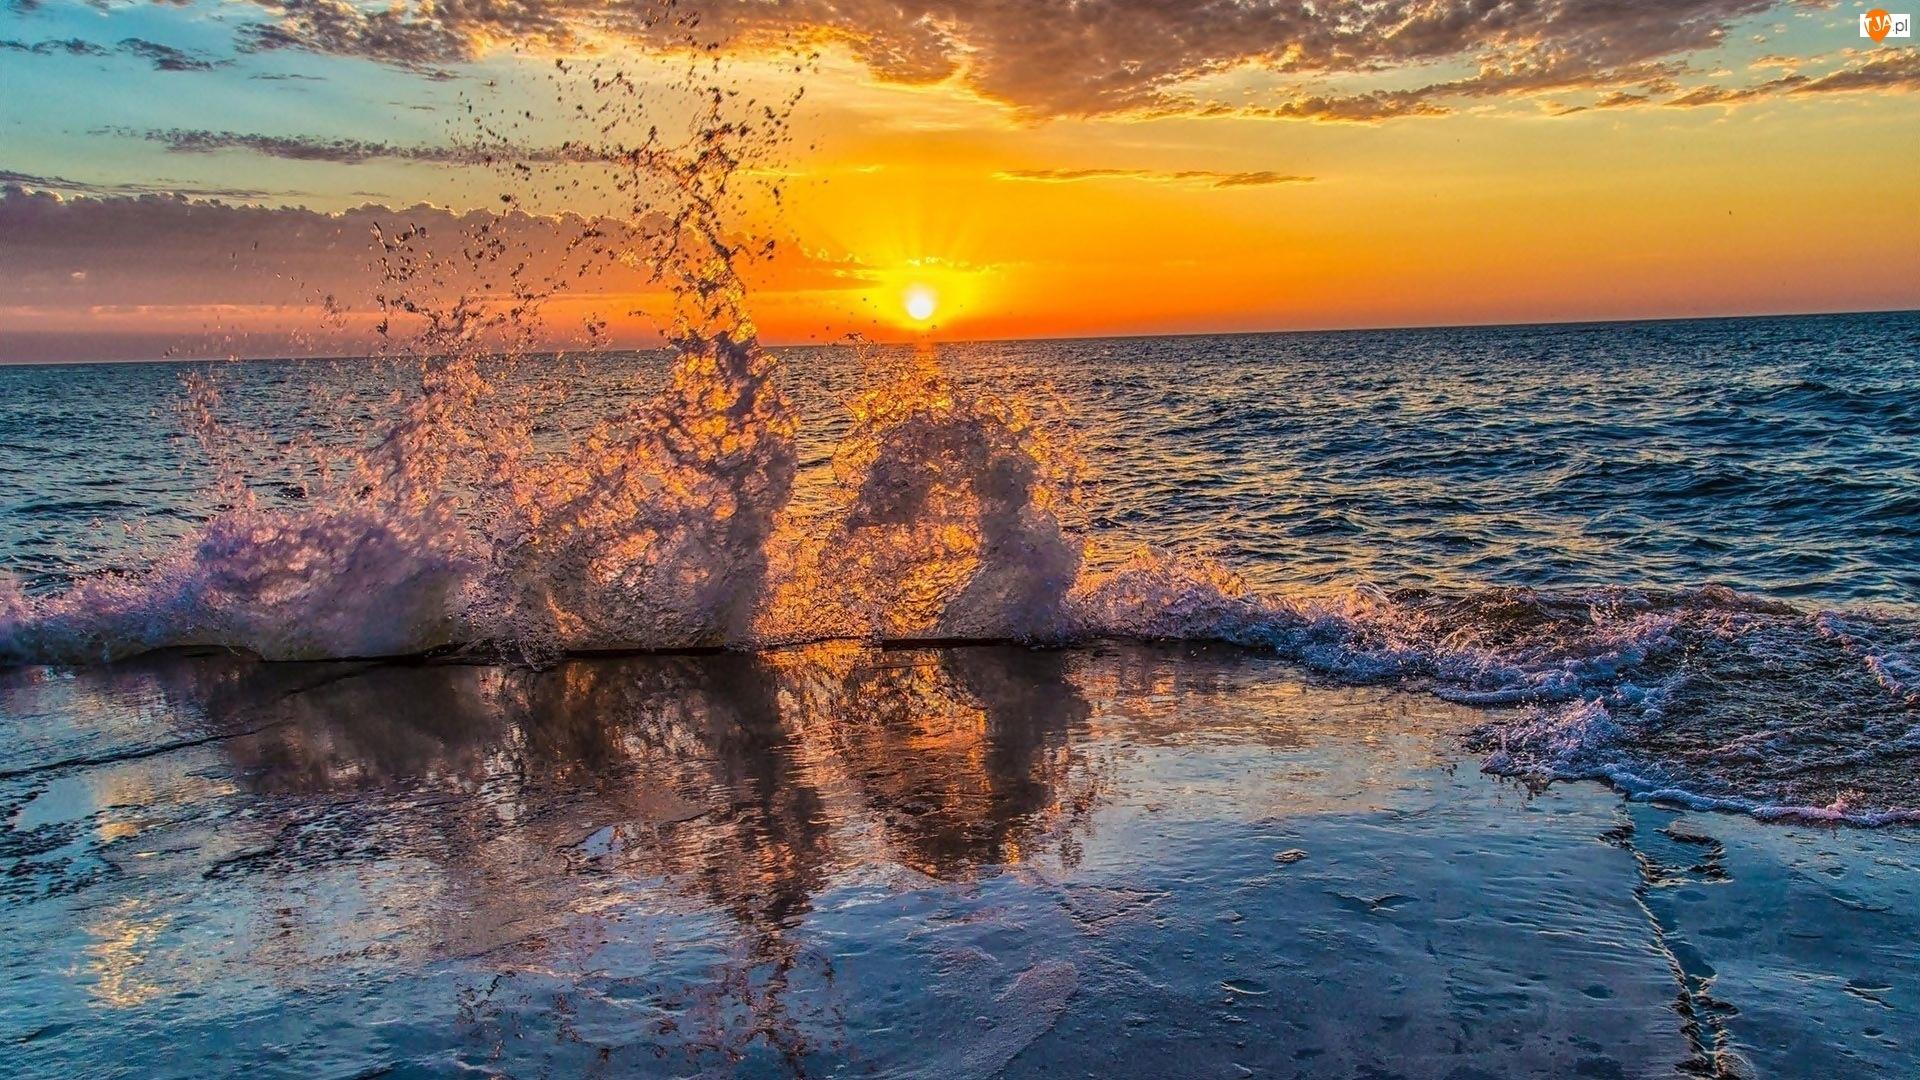 Morze, Słońca, Fala, Zachód